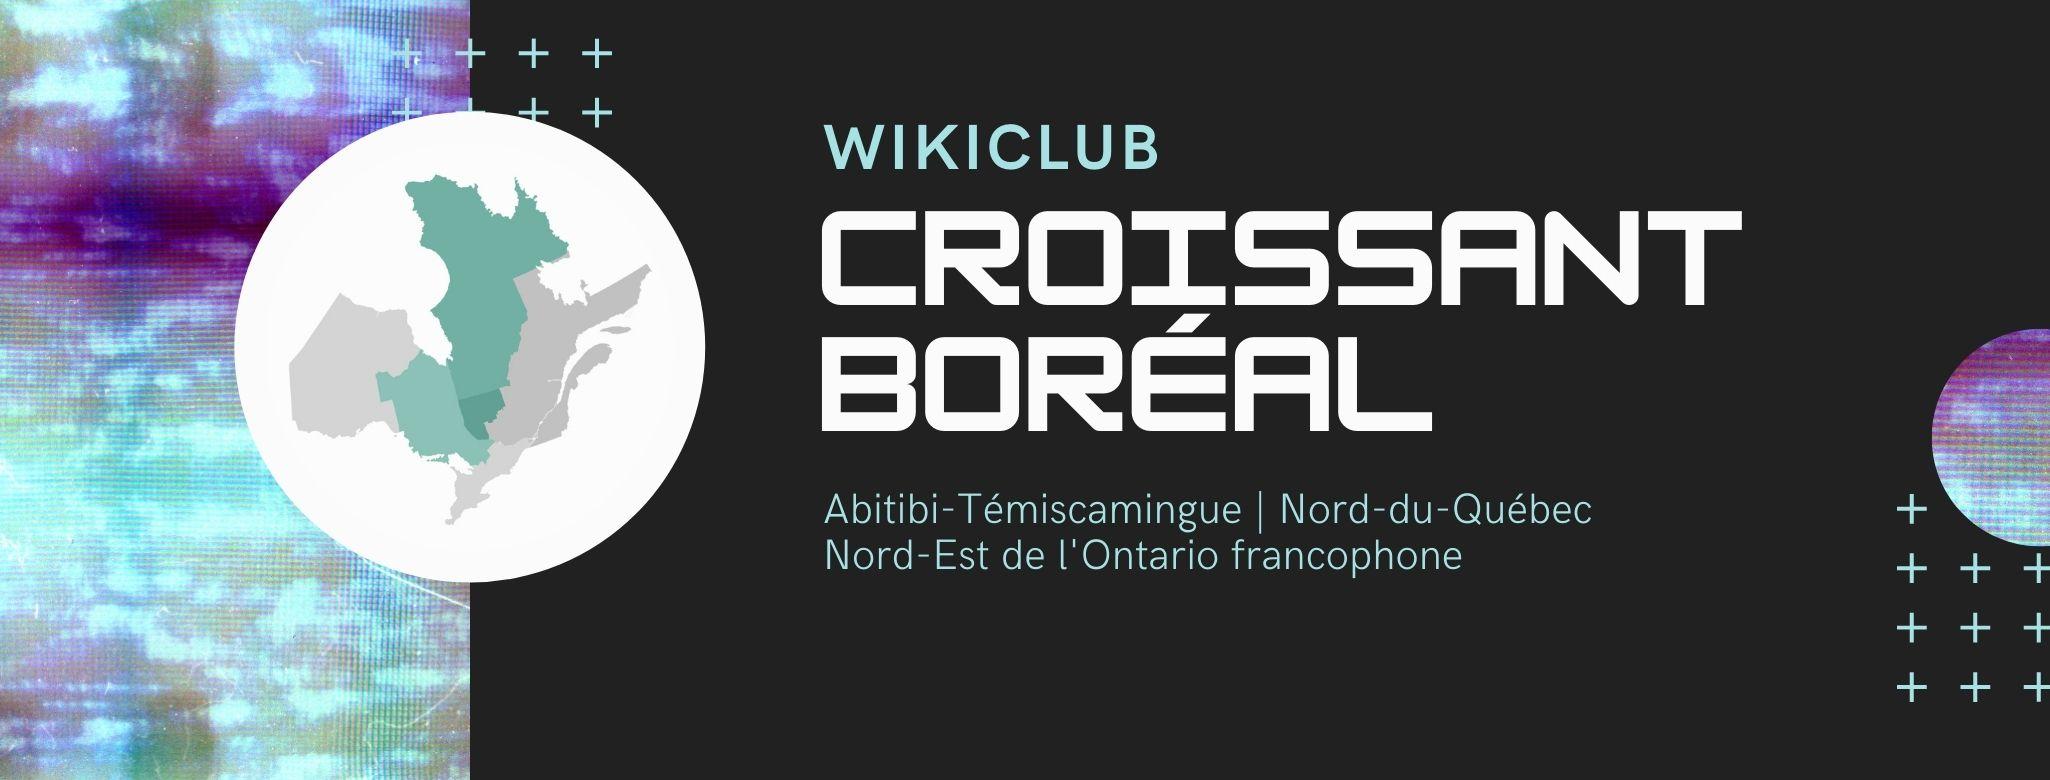 WikiClub Croissant boréal